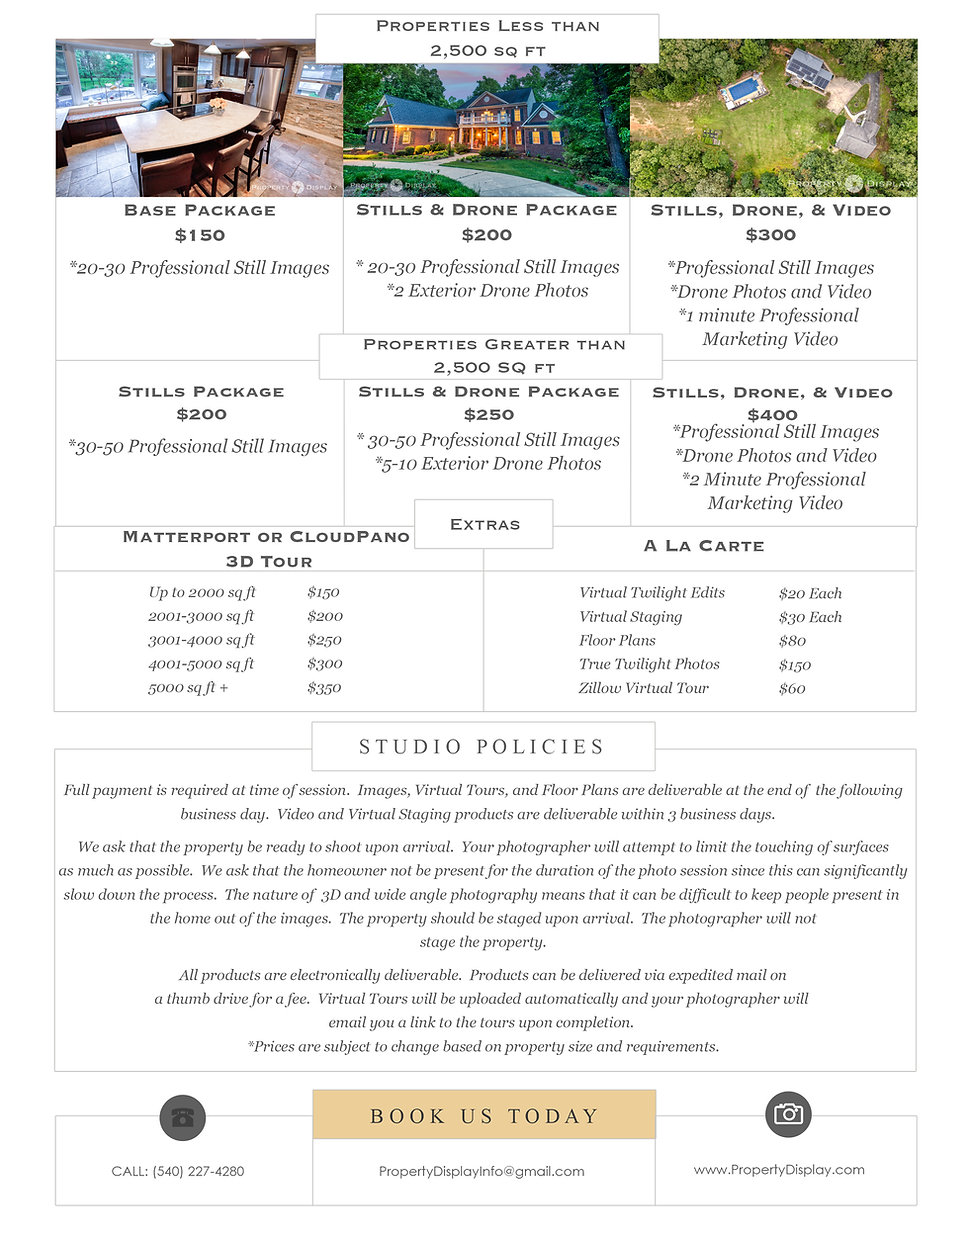 Property Display PricingSheet.jpg